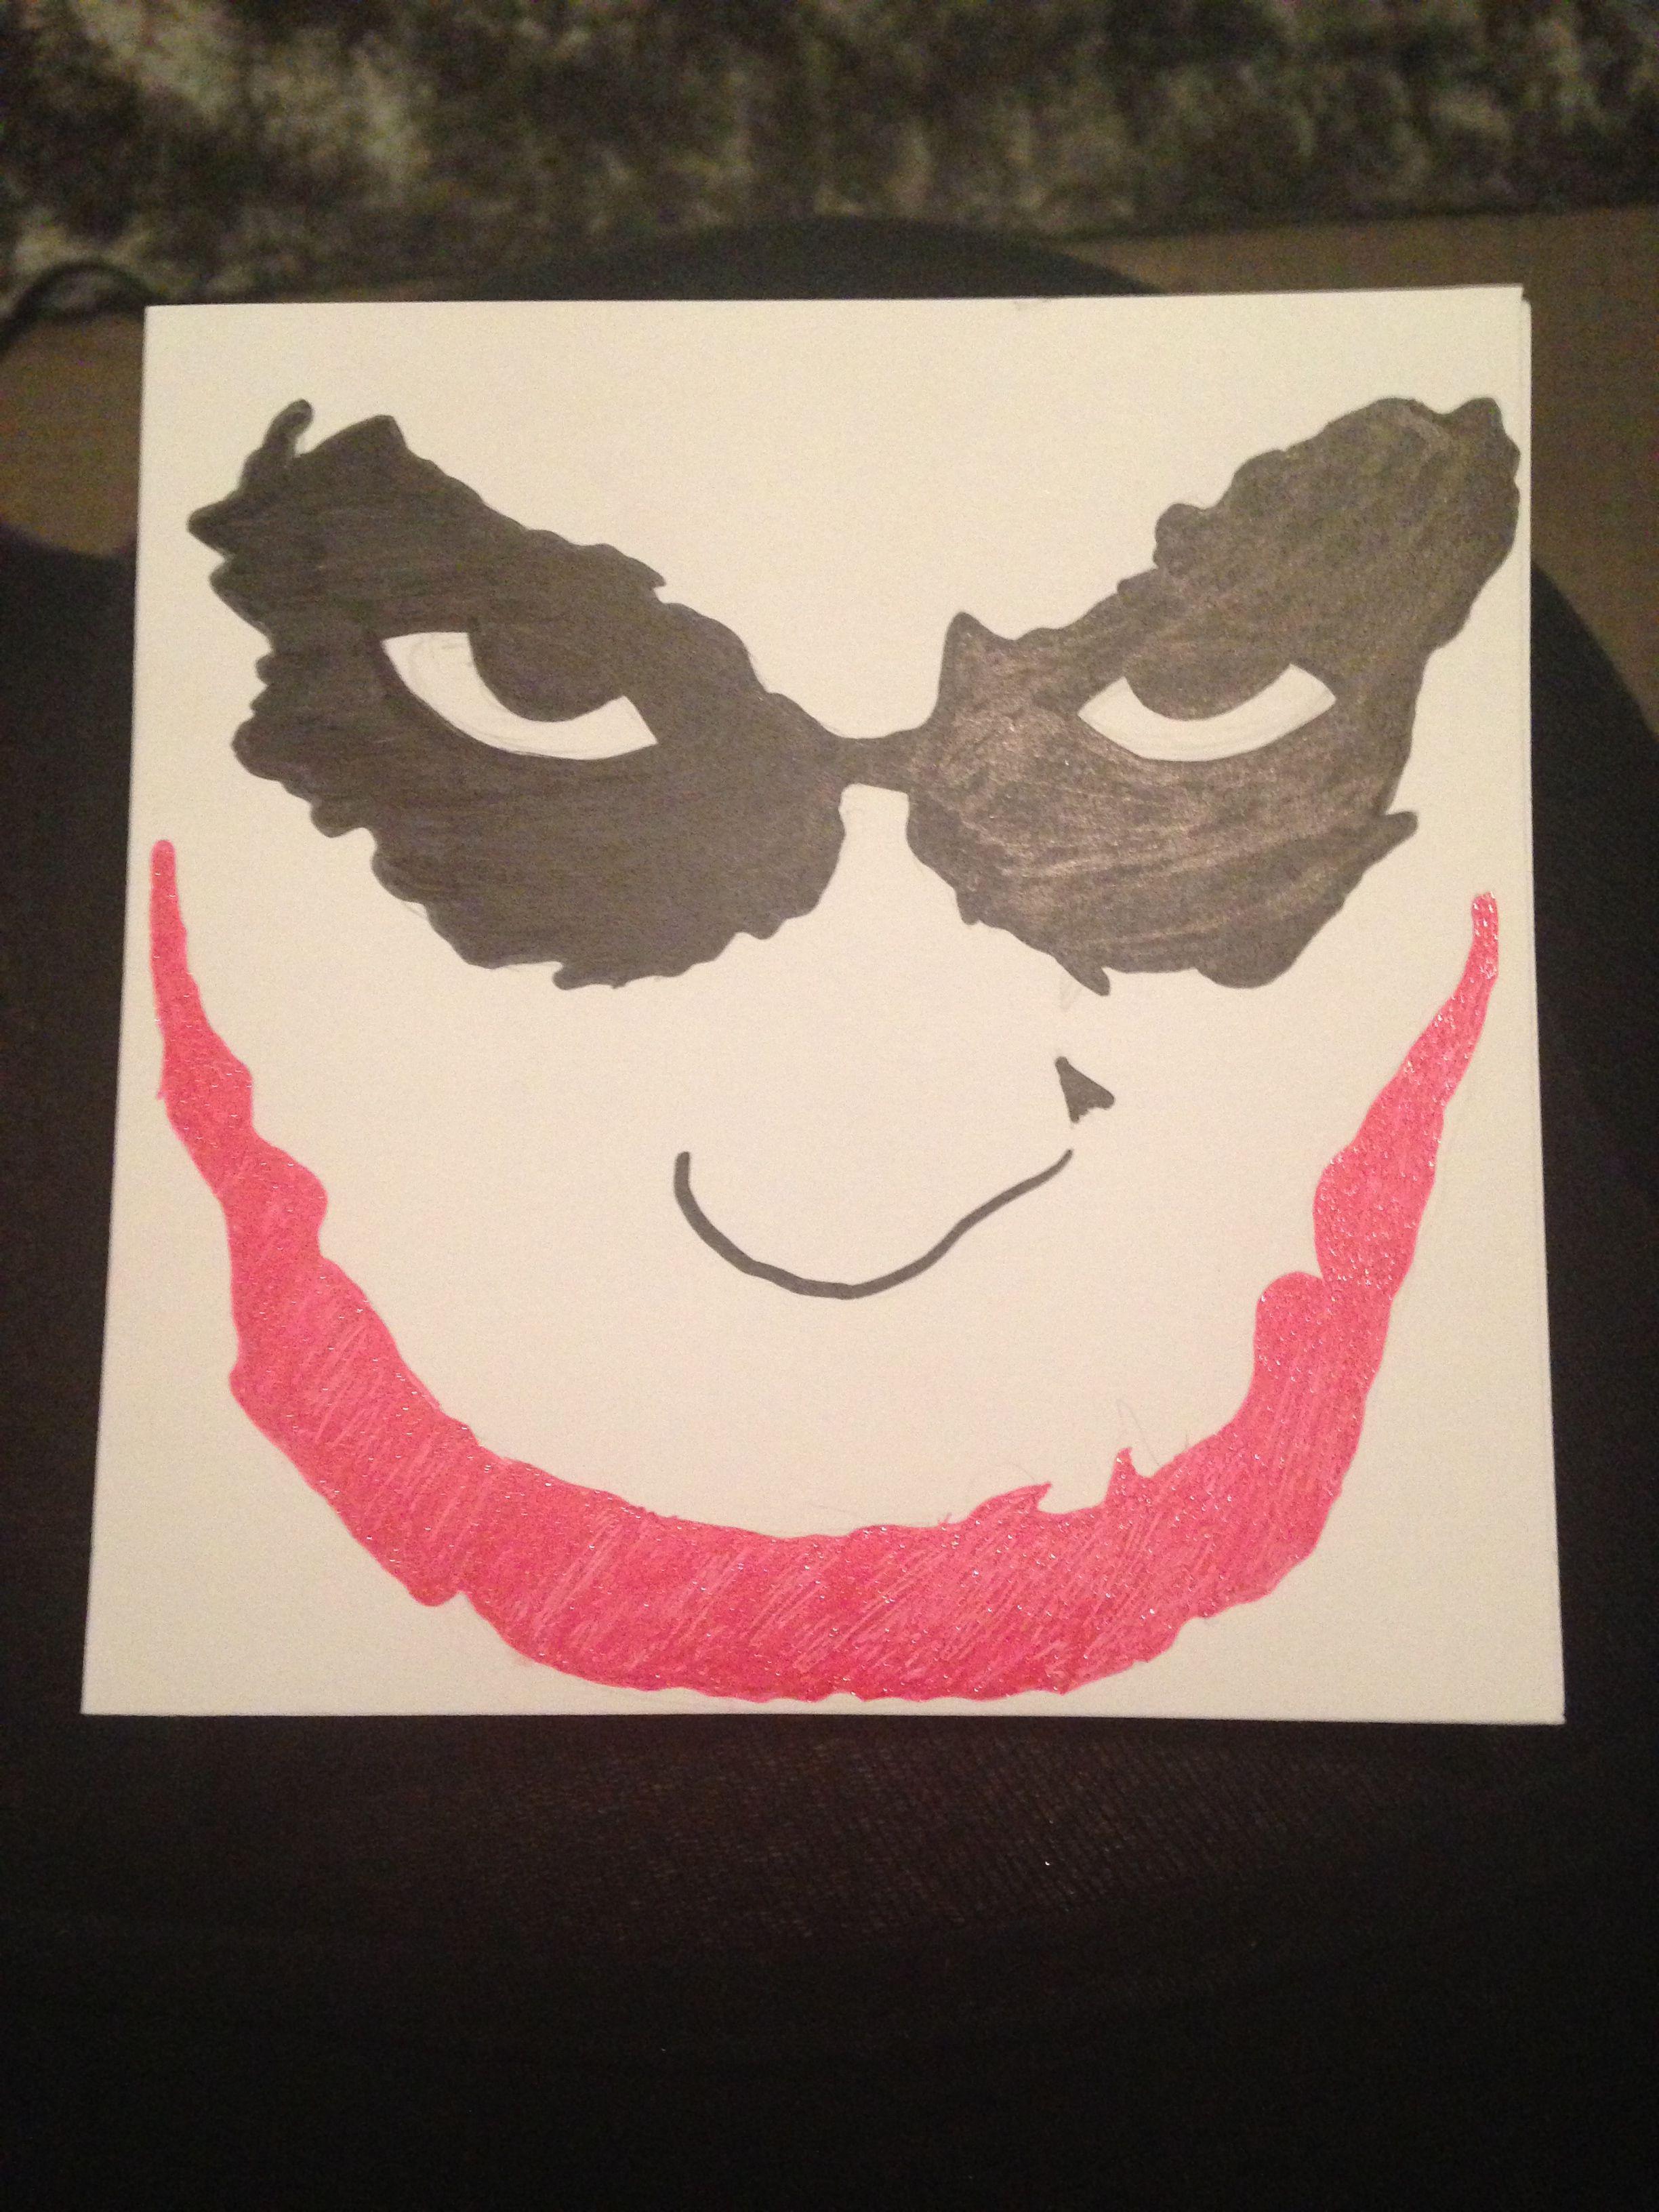 The Joker Birthday Card Jujus bday ideas Pinterest Joker